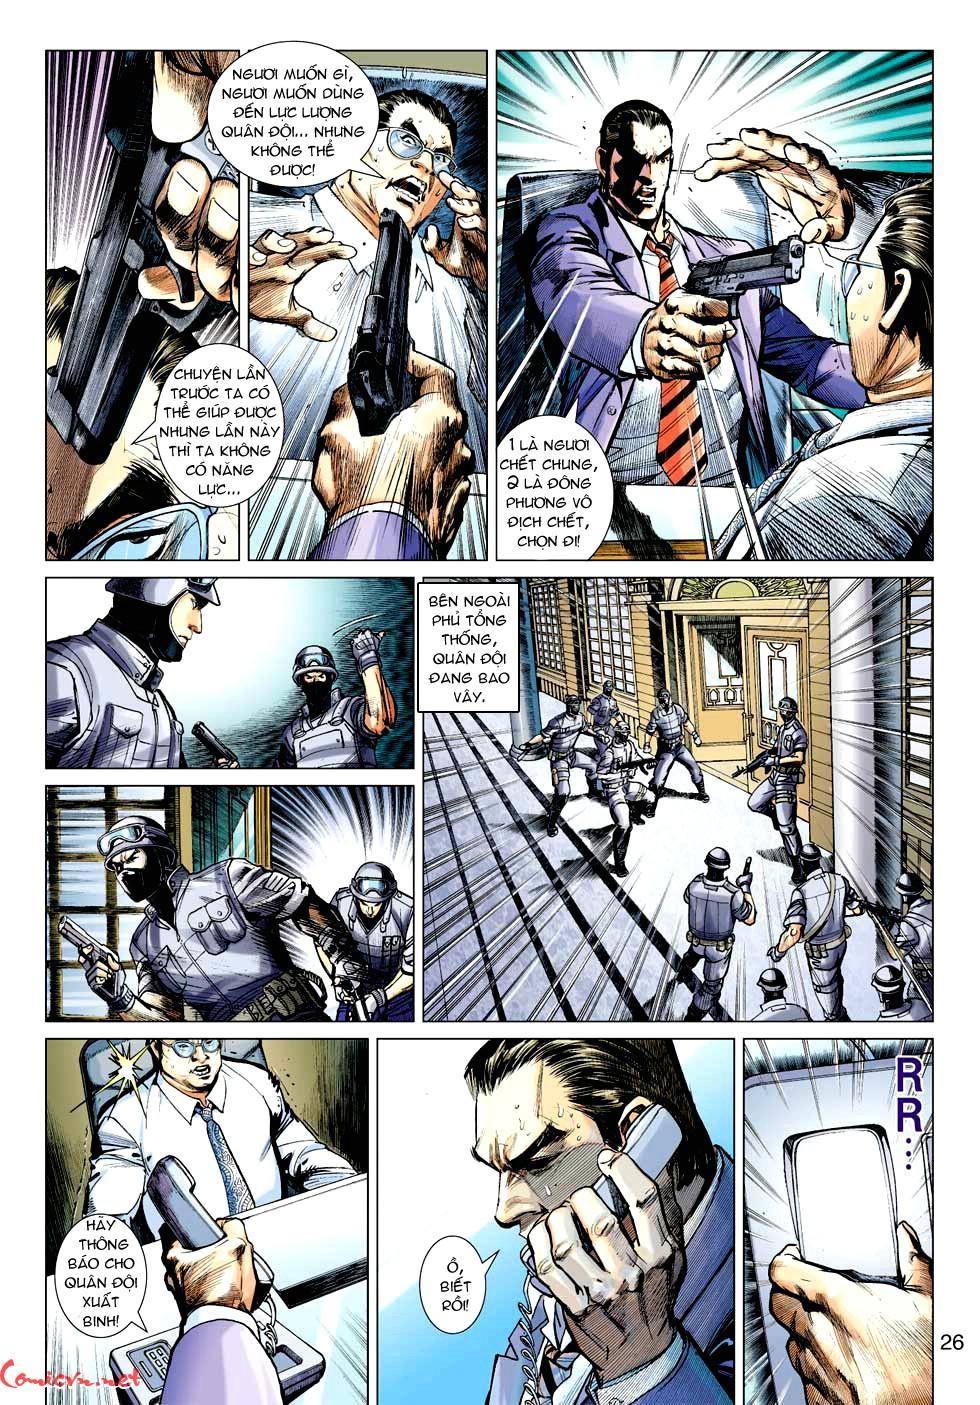 Vương Phong Lôi 1 chap 32 - Trang 25